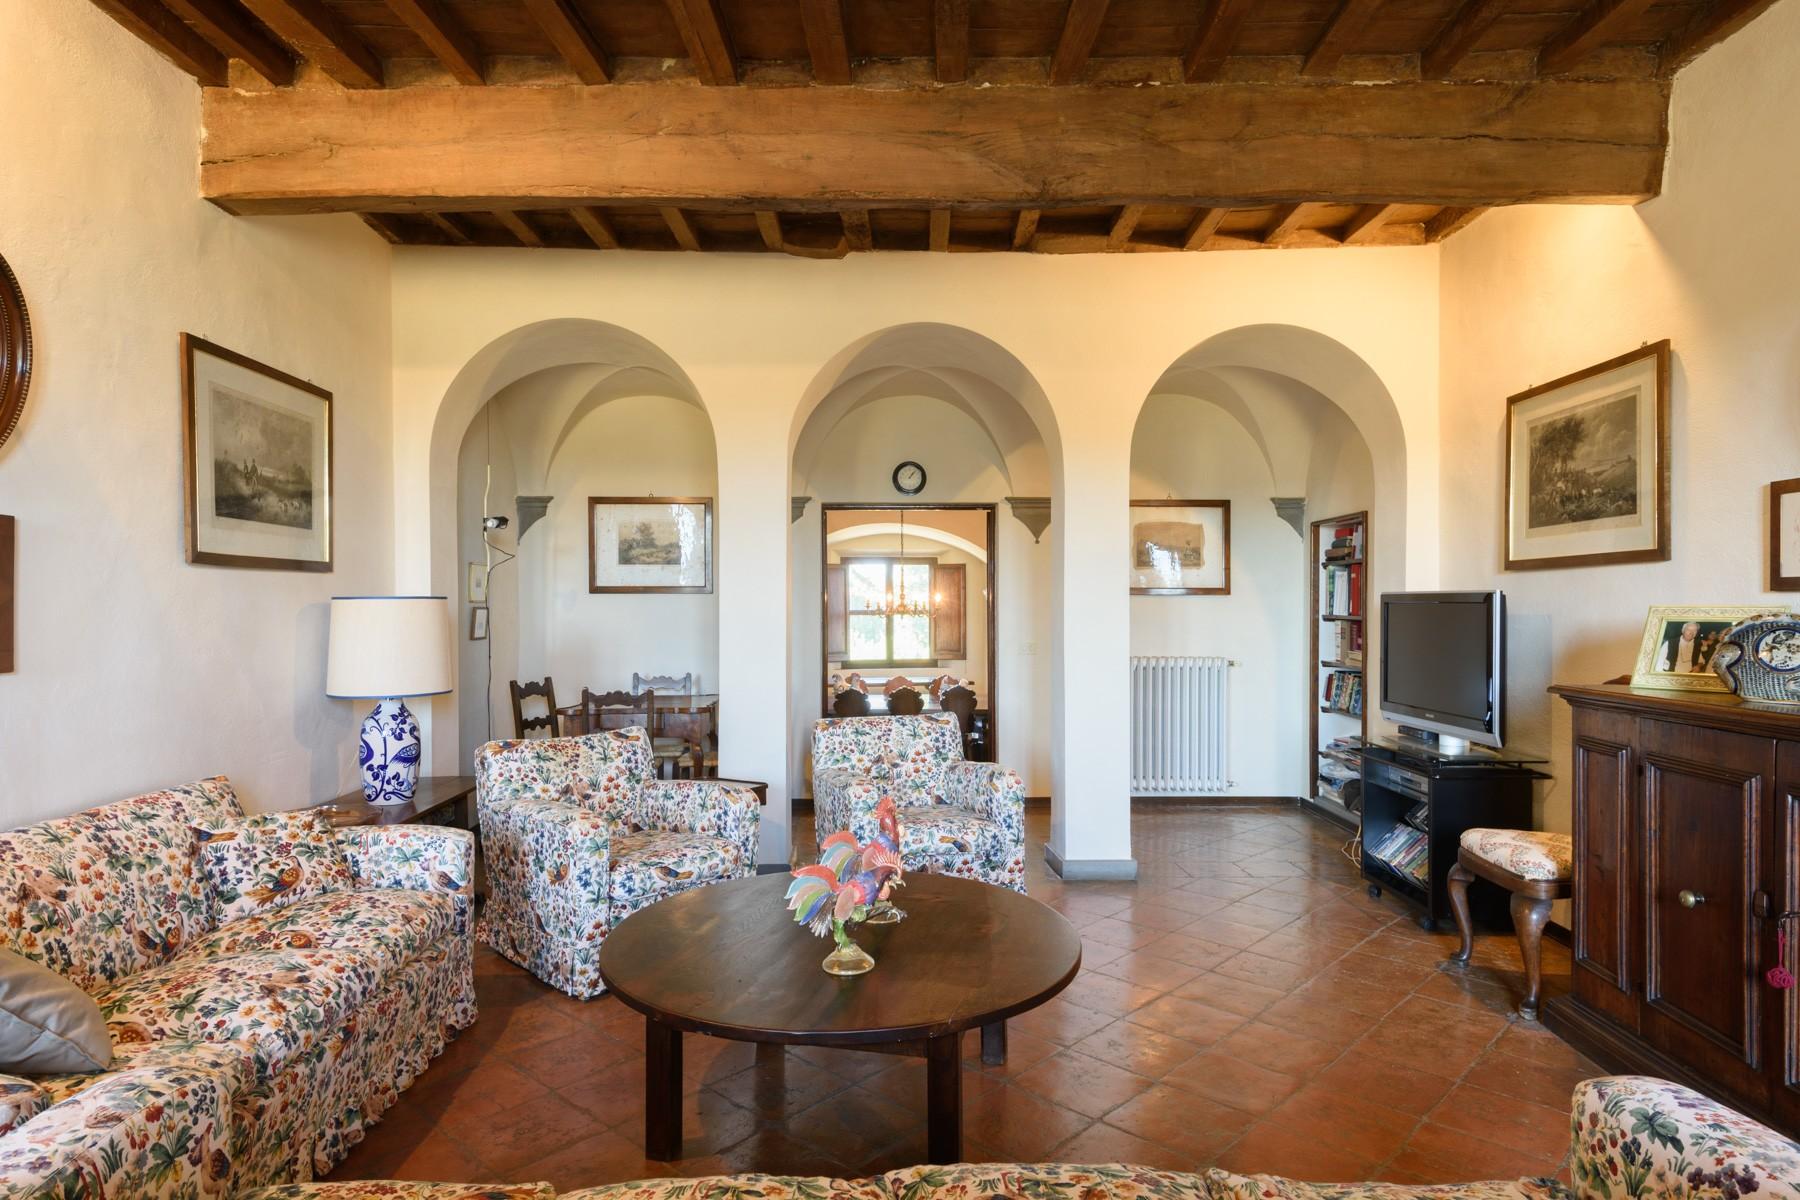 Villa in Vendita a Montaione: 5 locali, 15655 mq - Foto 20